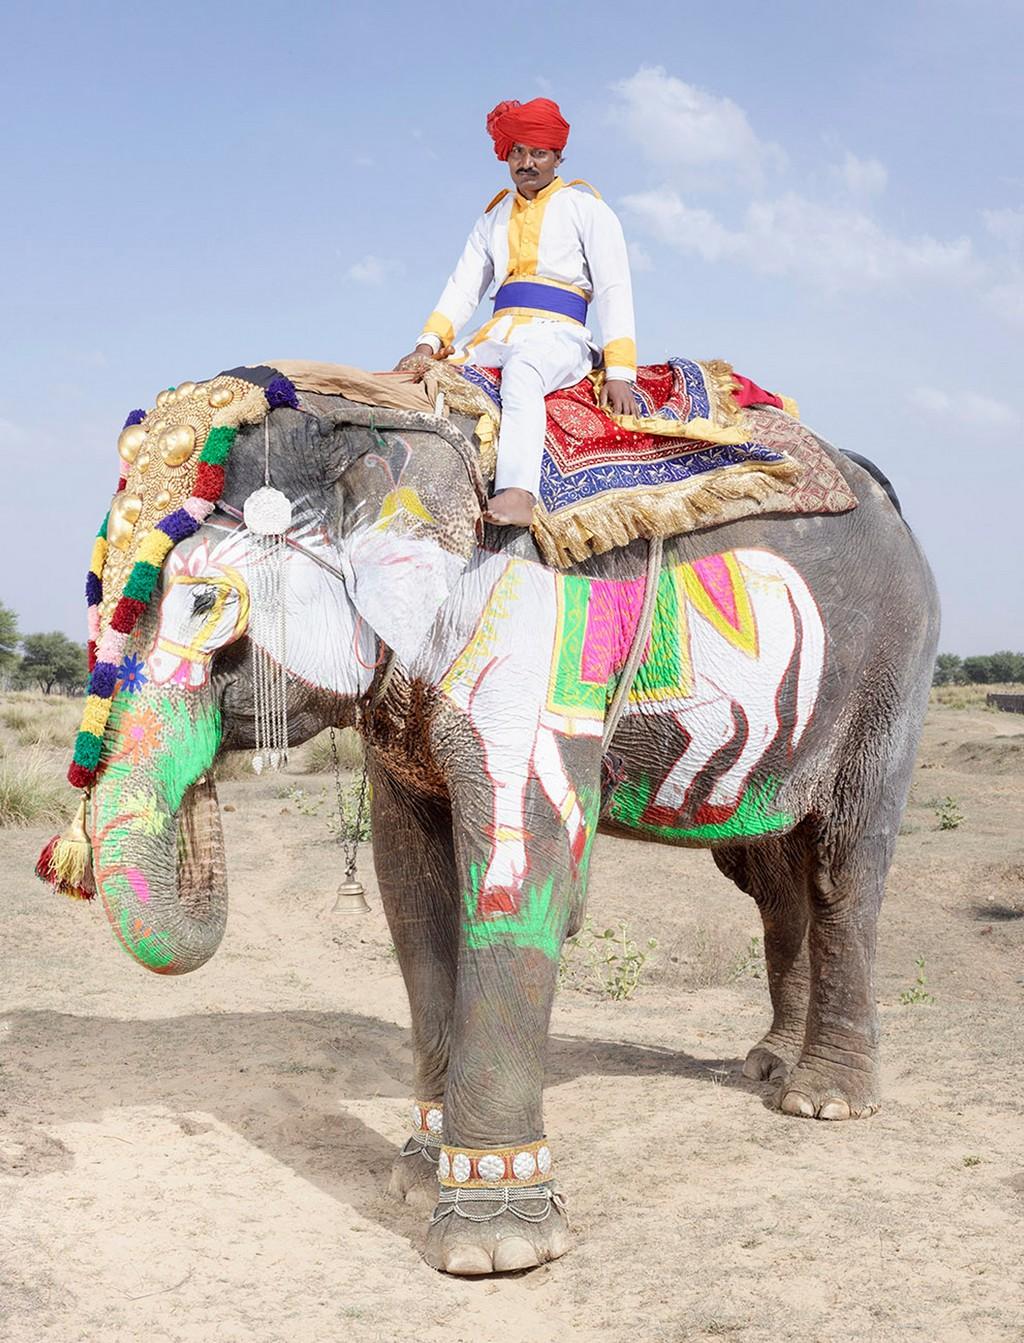 raspisnye slony 6